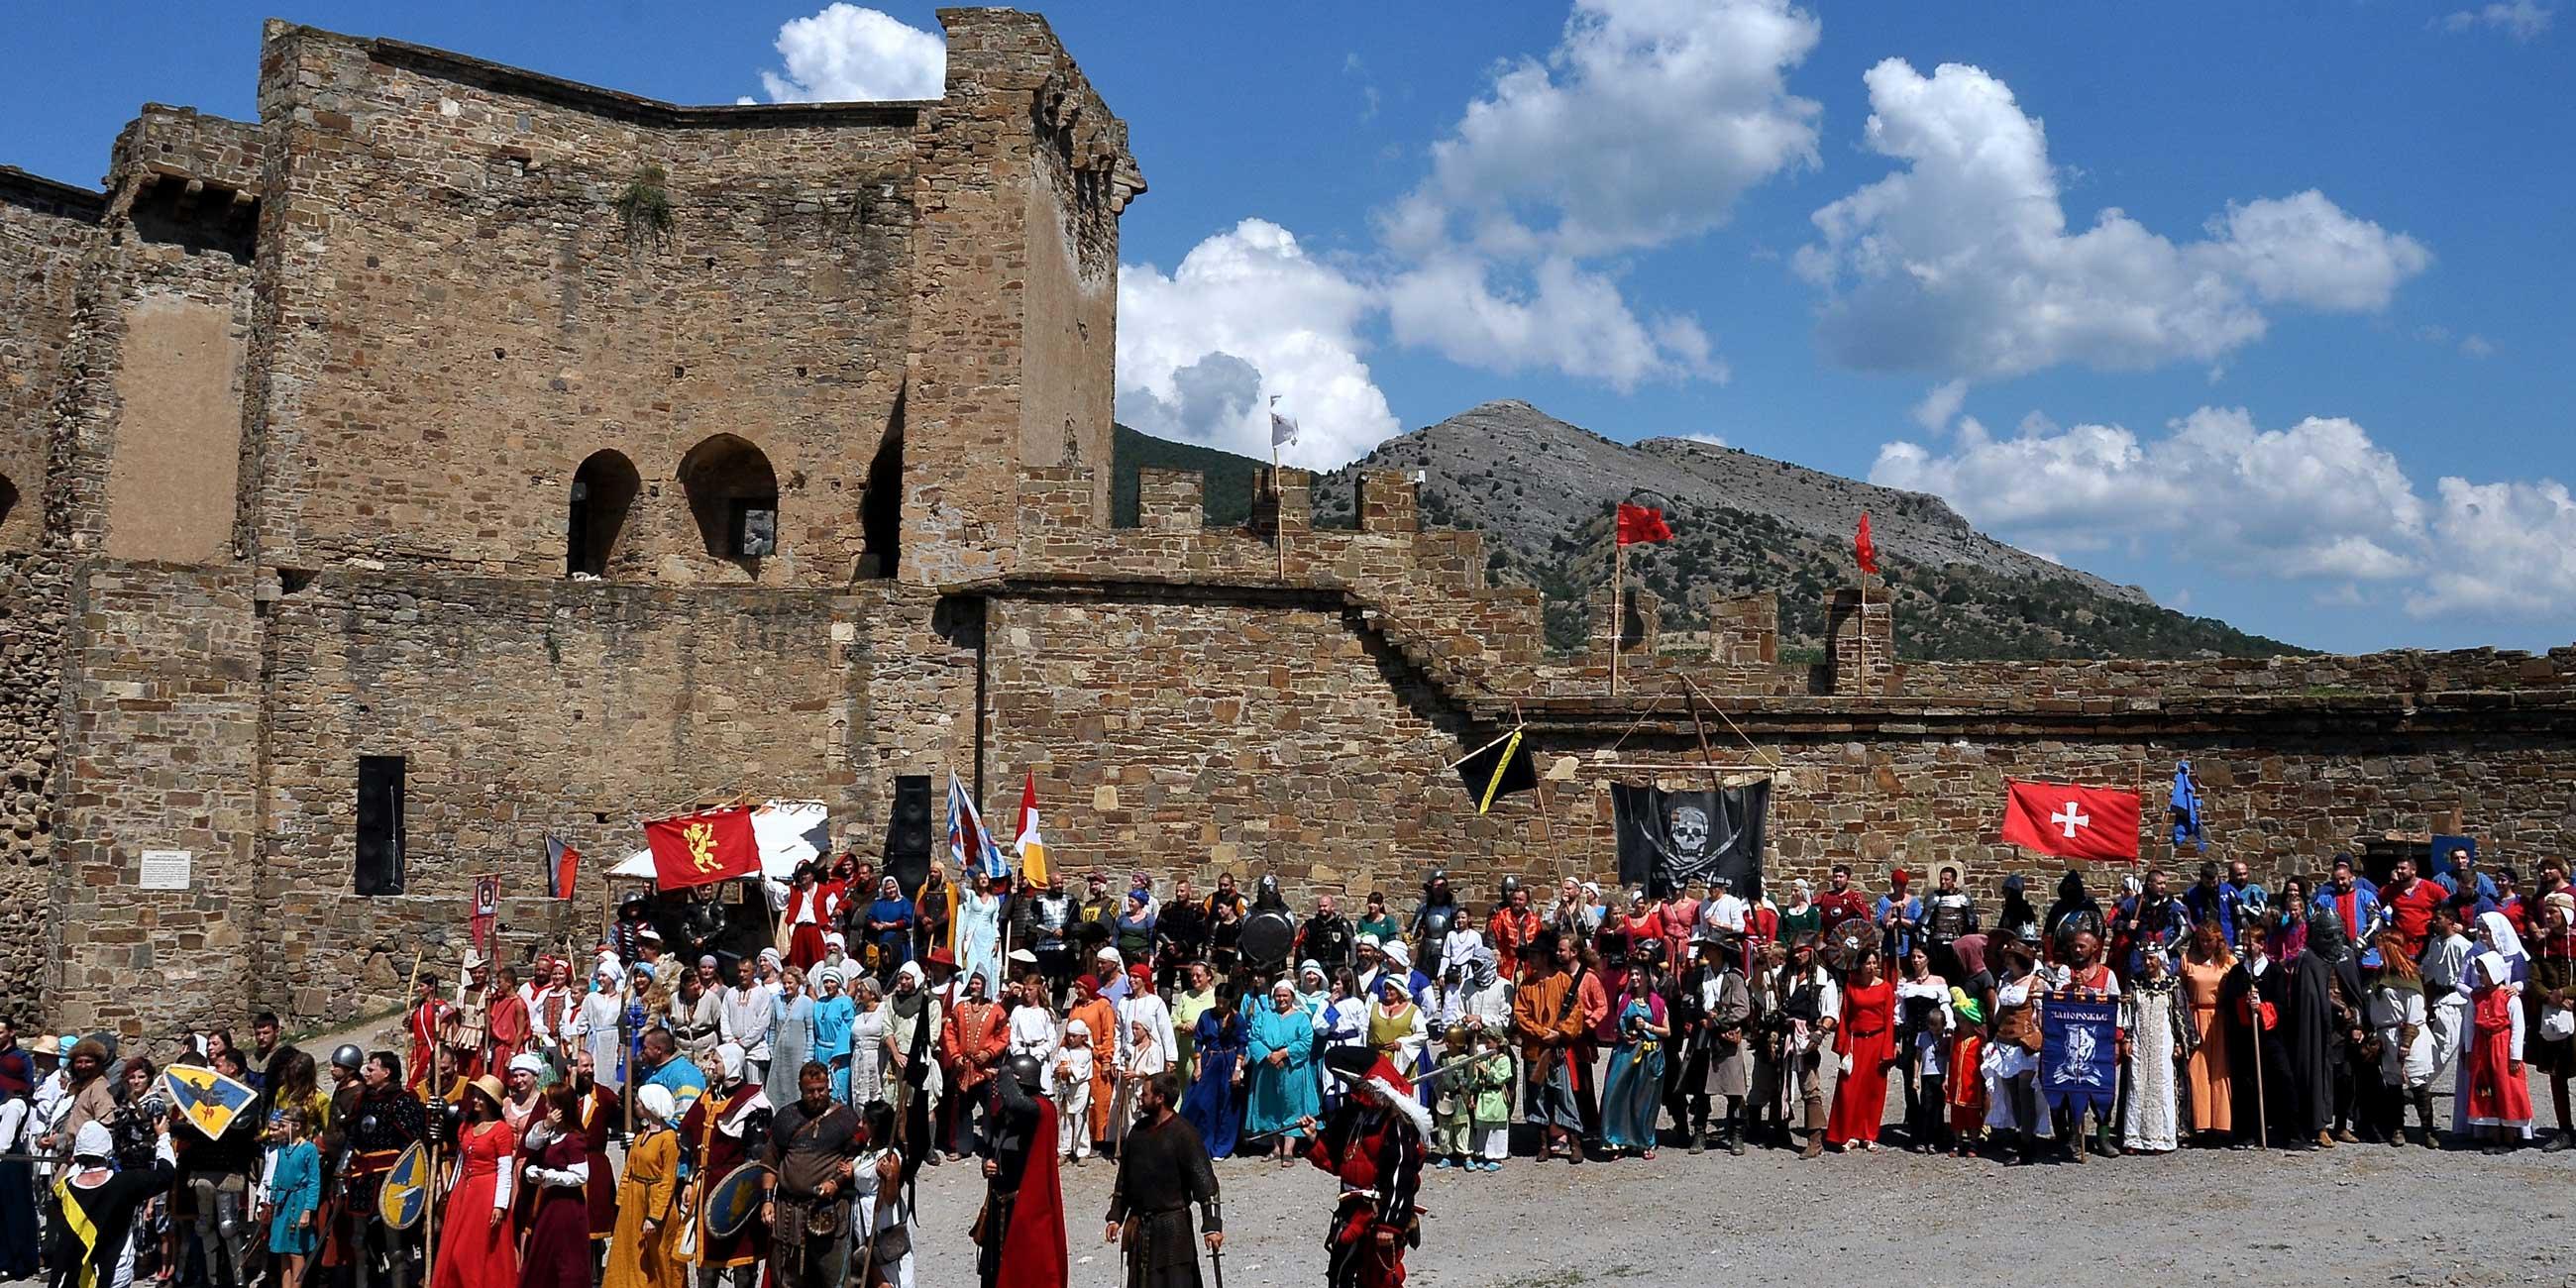 На исторических реконструкциях в Судаке можно на один день перенестись в Средневековье.Фото: Виталий ПАРУБОВ,